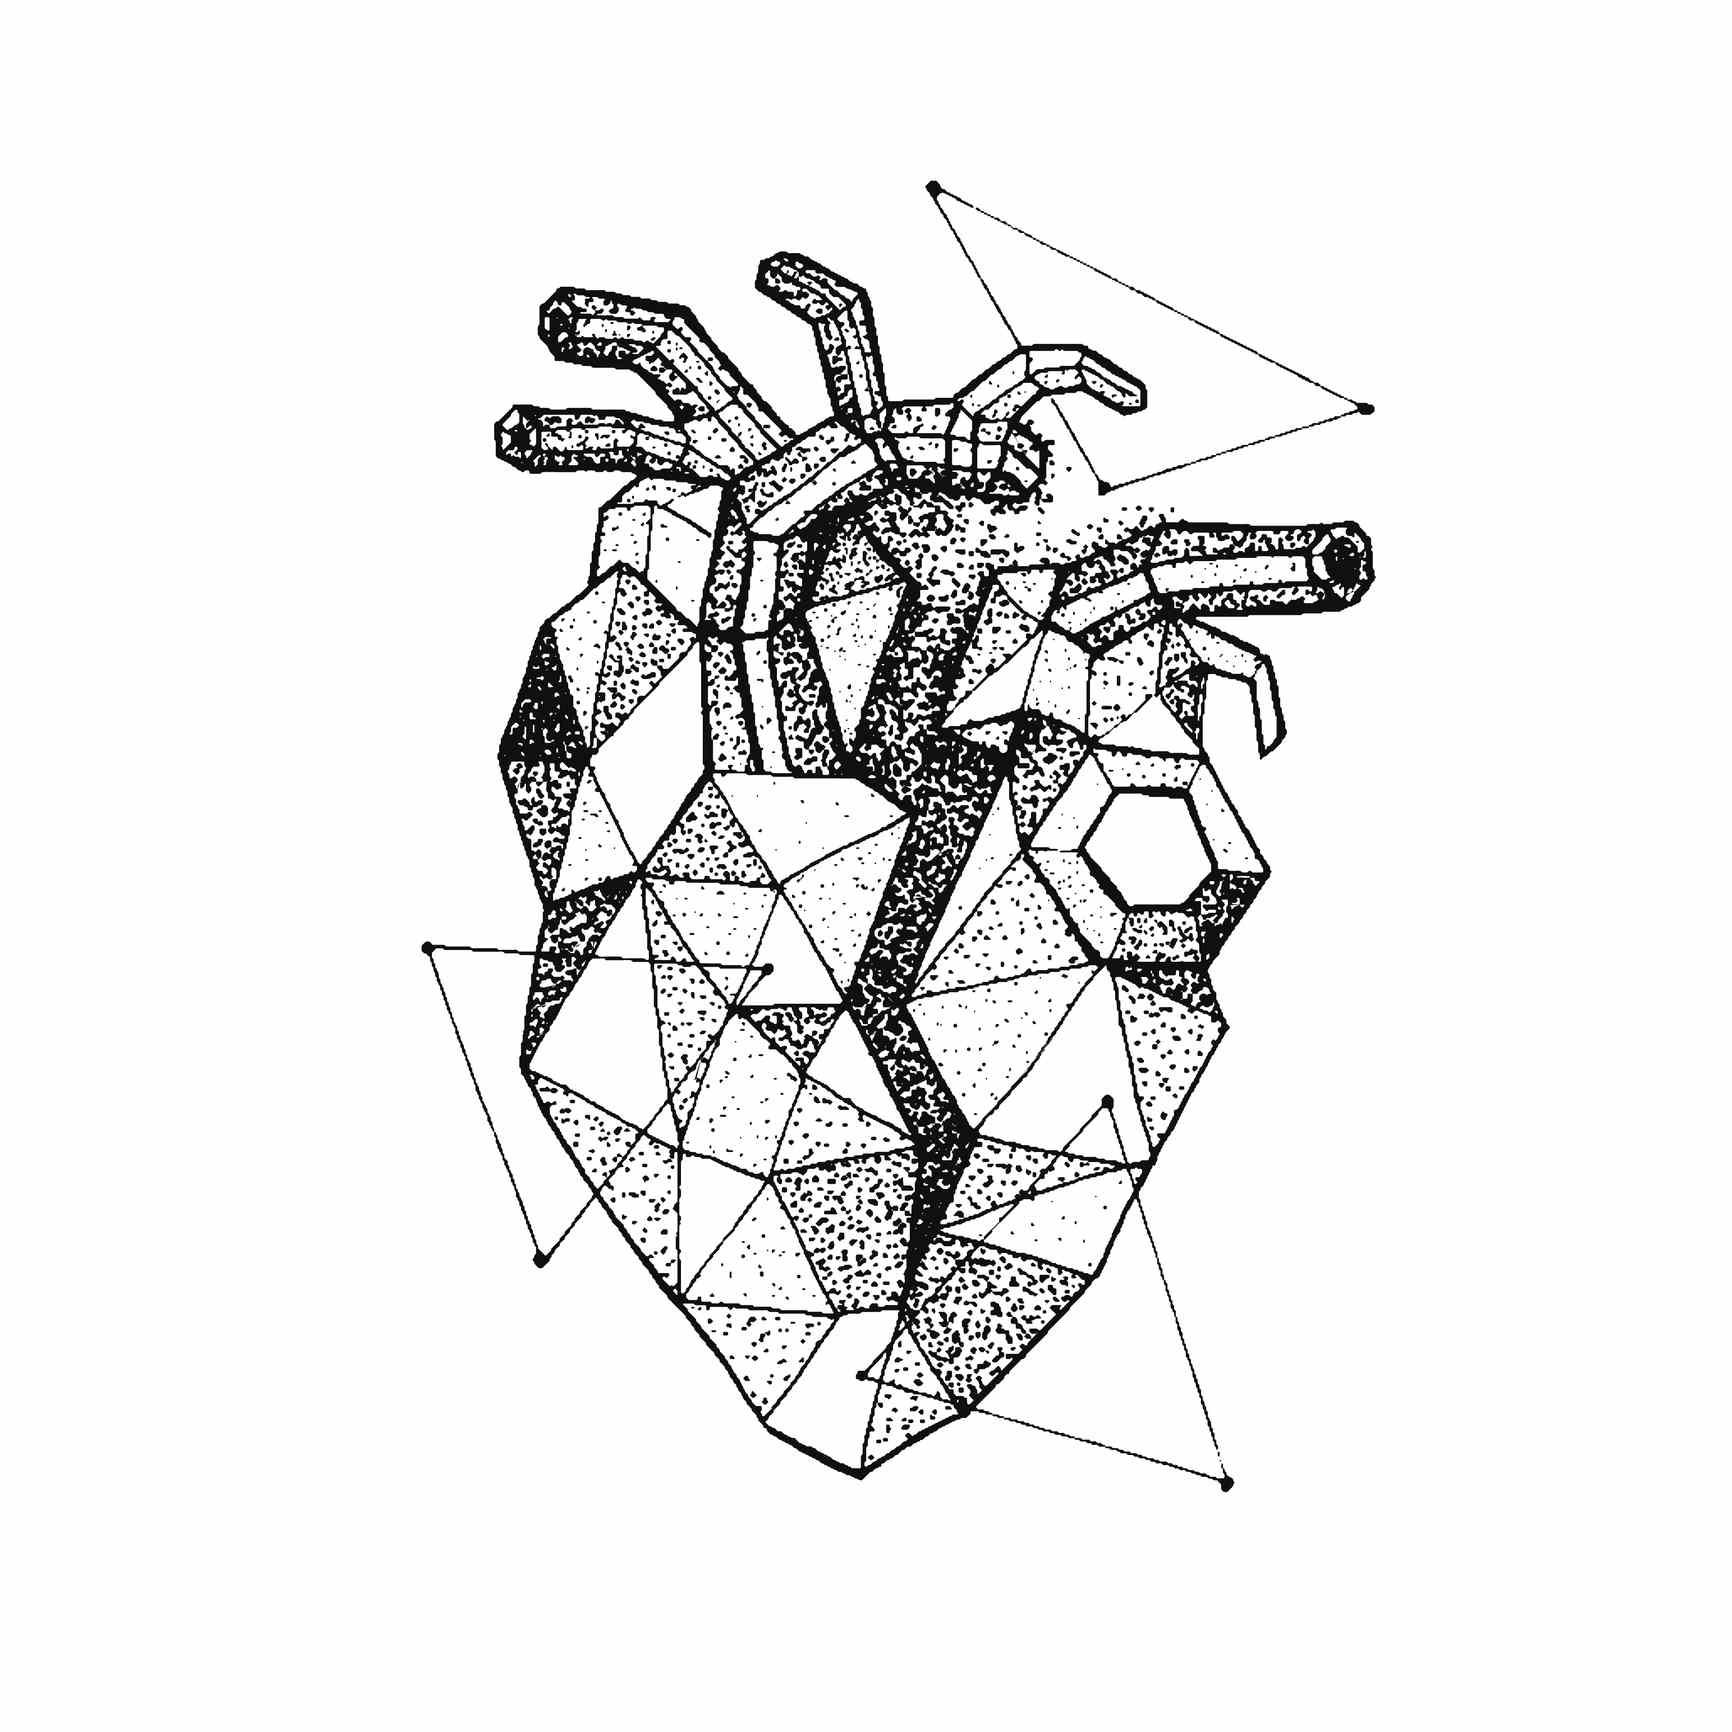 Ilustración de un corazon